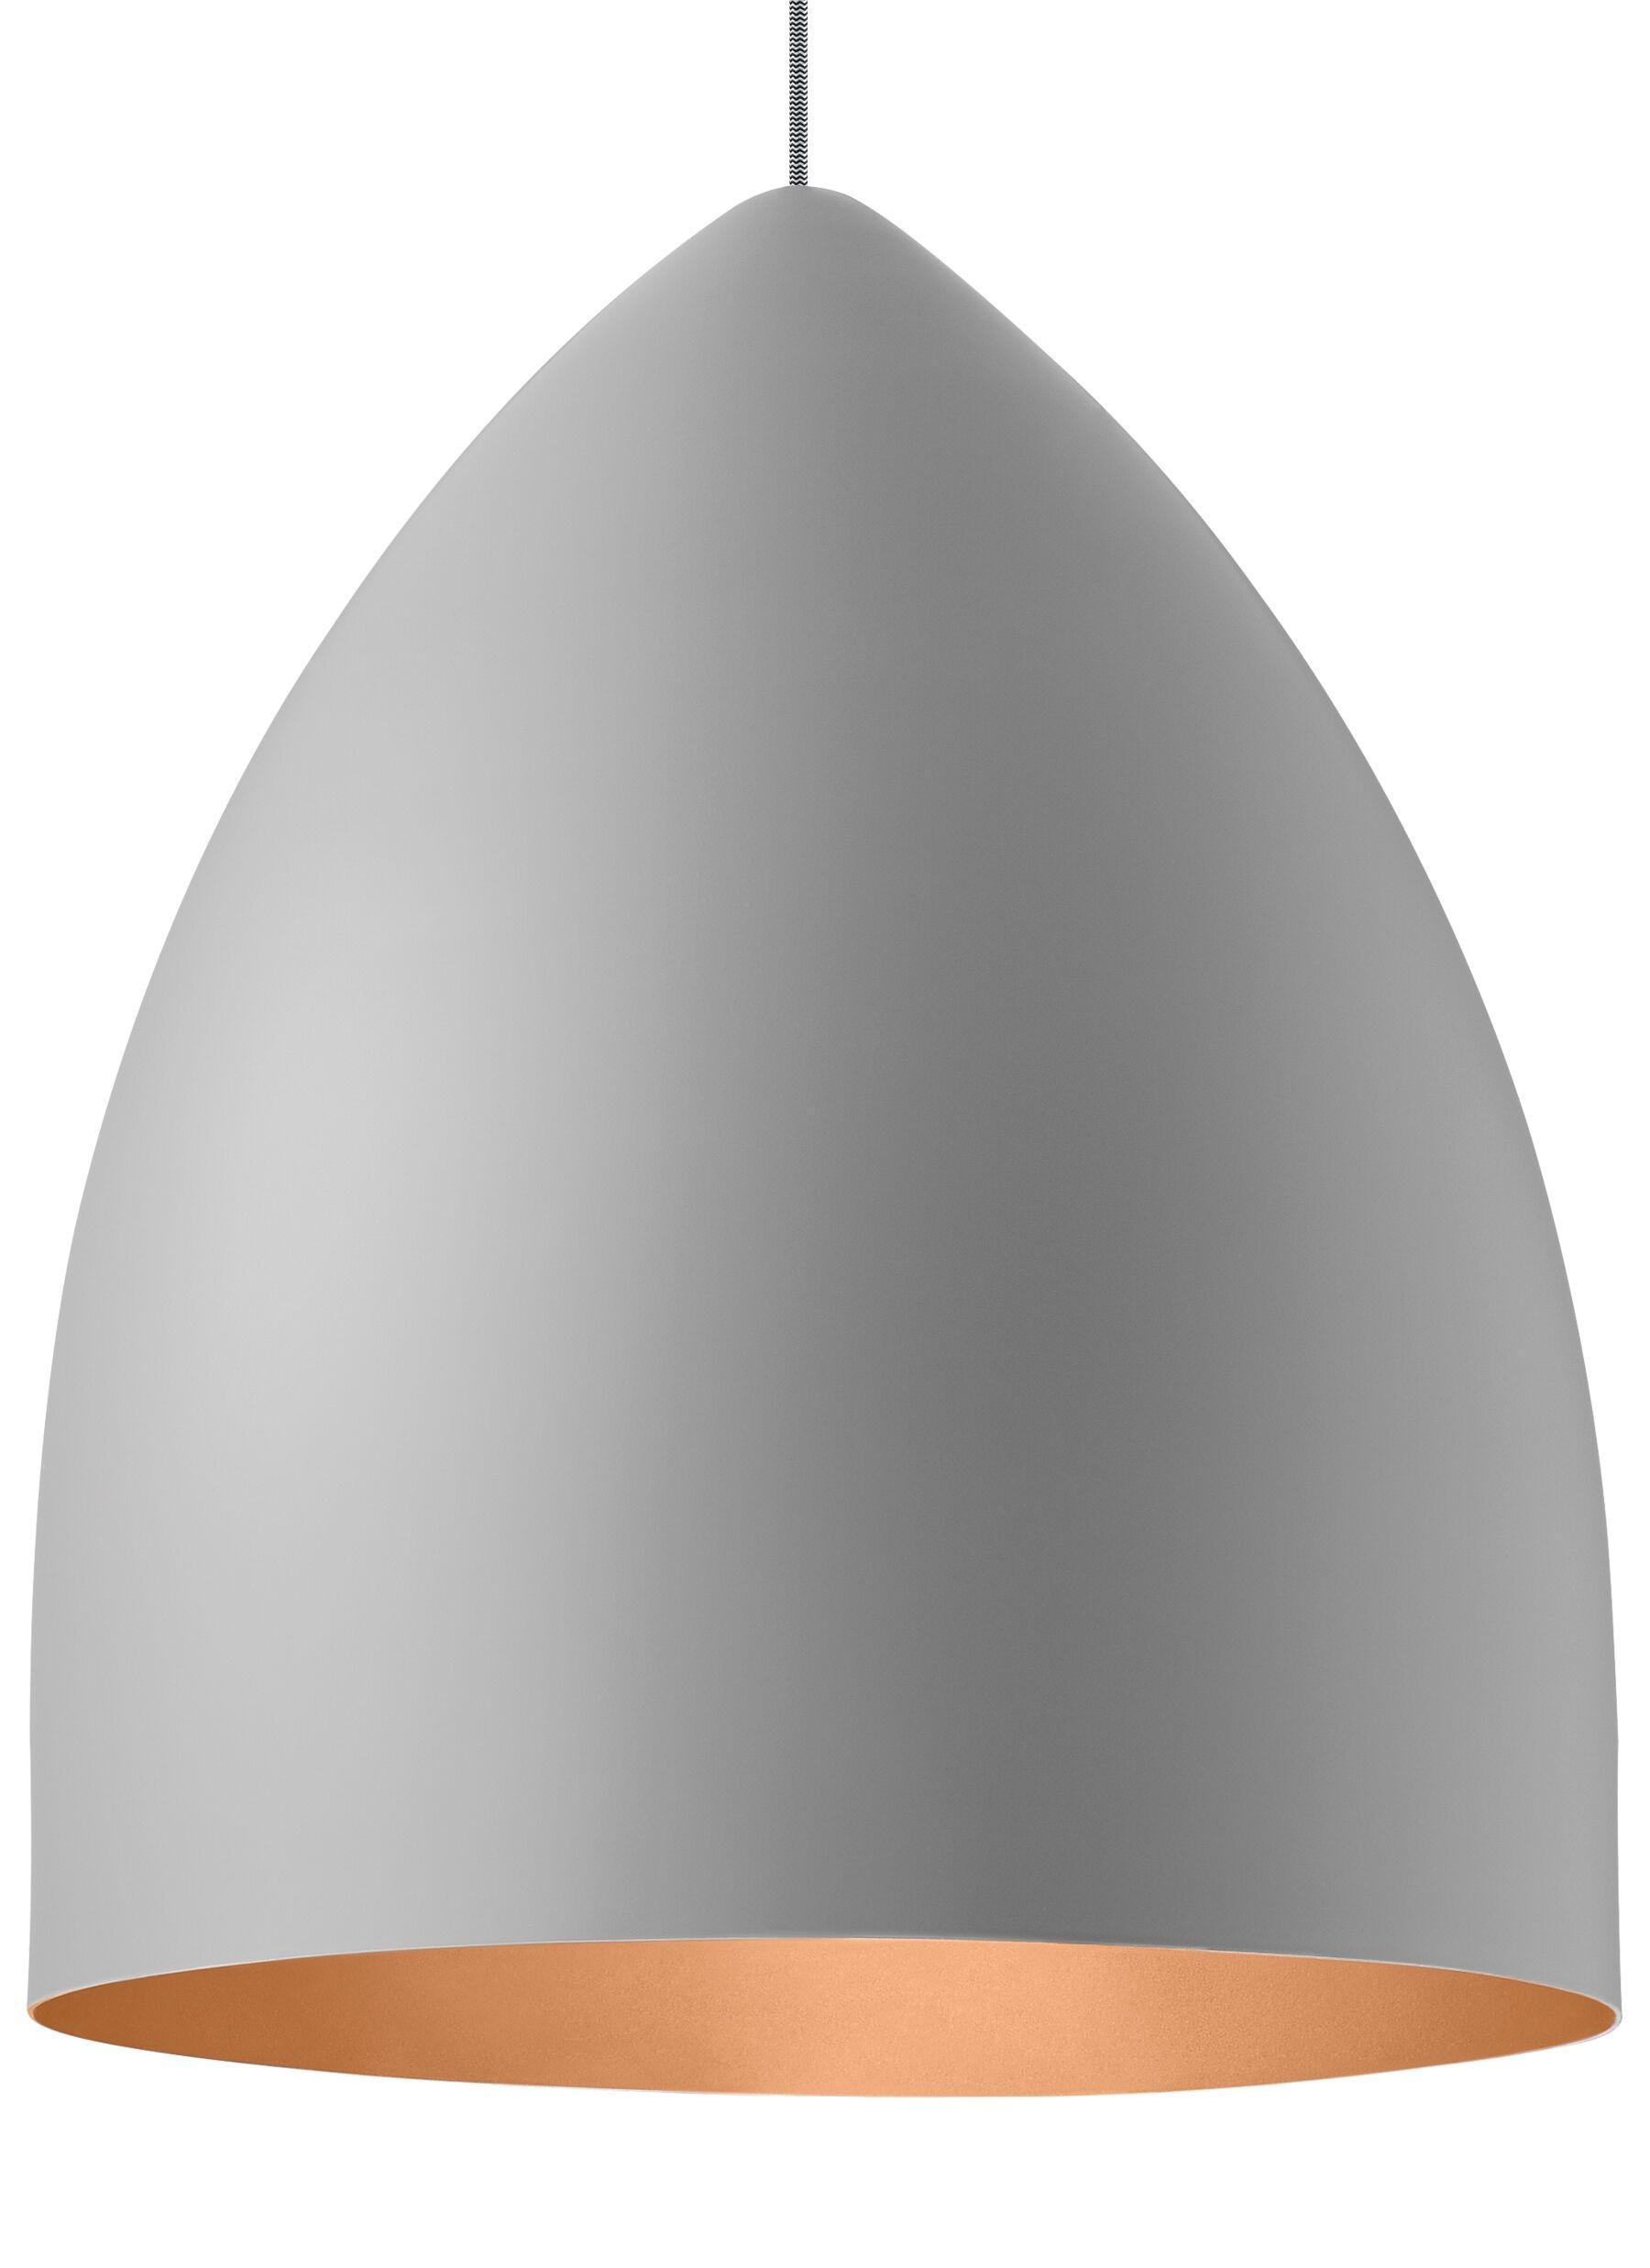 Cybulski 1-Light Cone Pendant Shade Color: Rubberized Gray/Copper, Bulb Type: Compact�Fluorescent 277V